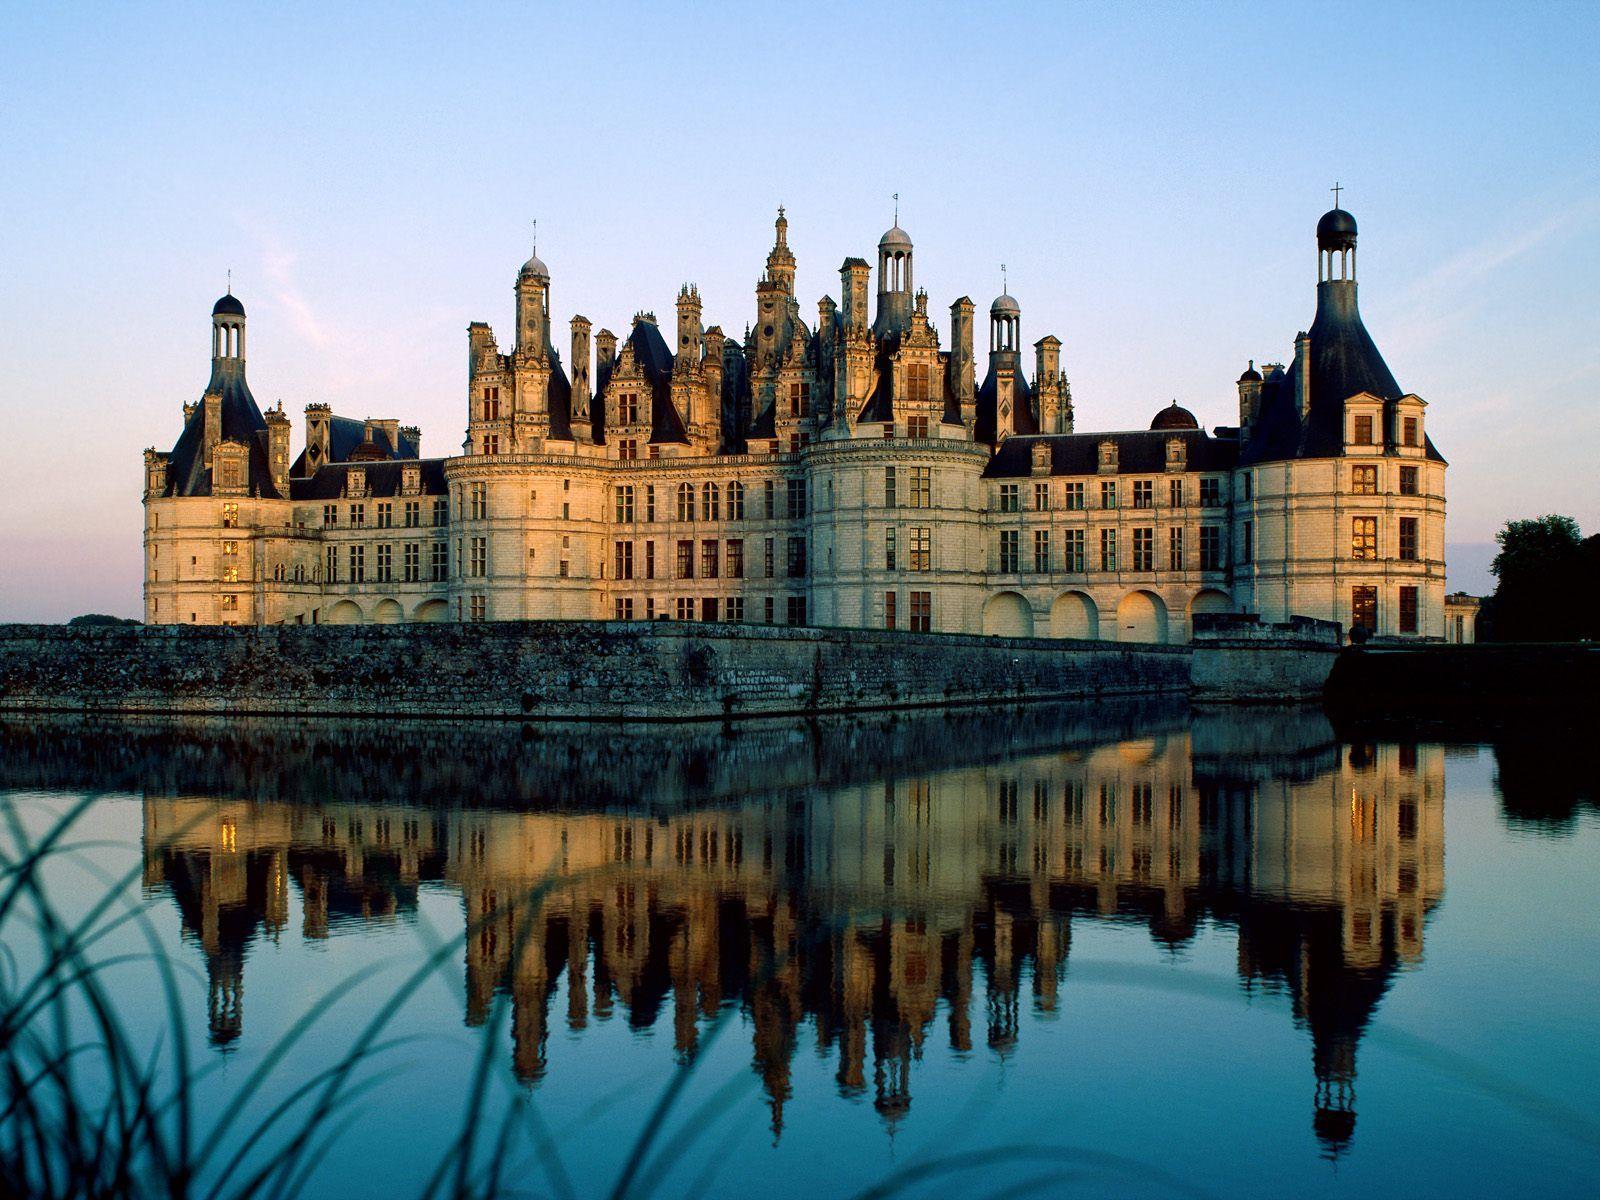 תוצאת תמונה עבור قصر Chambord، فرنسا